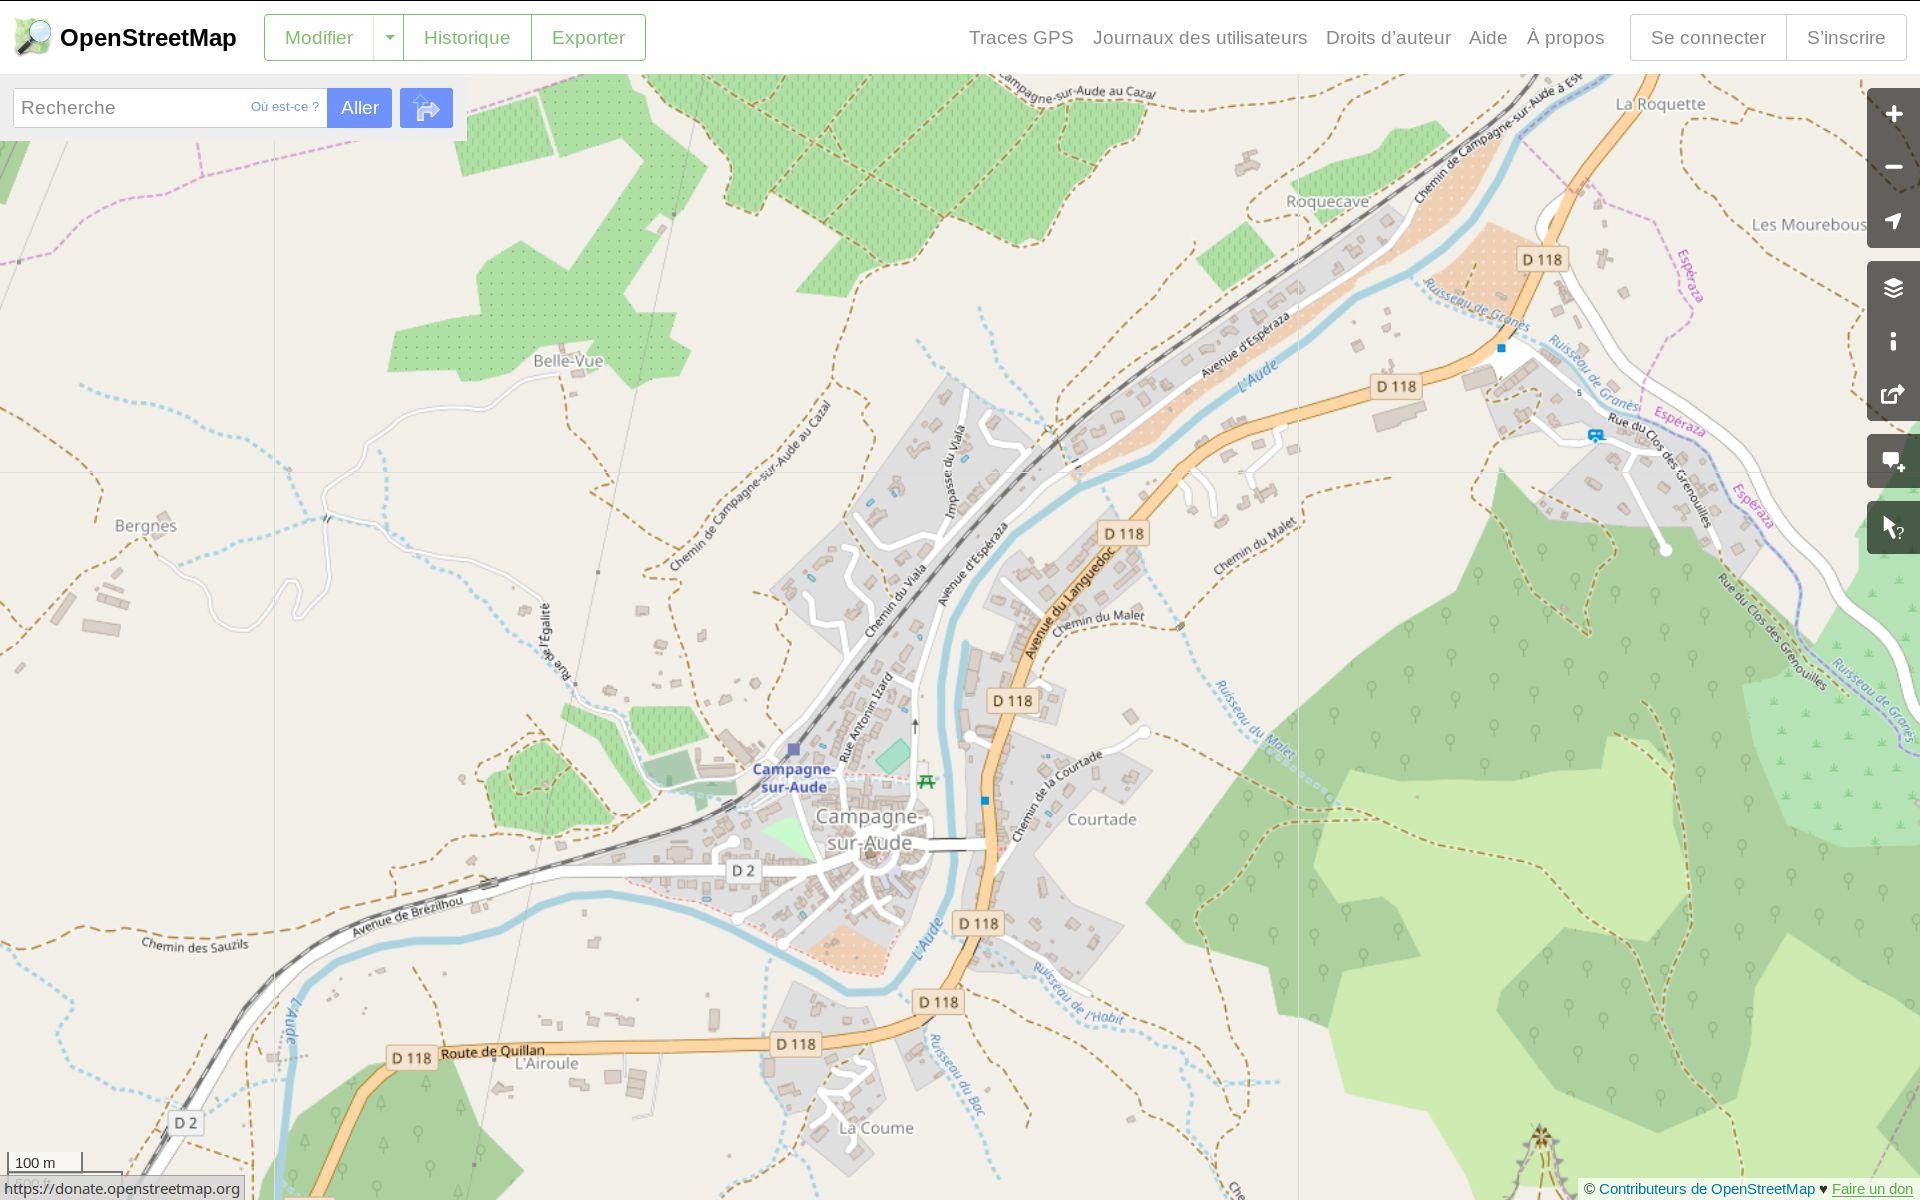 diagnostic immobilier Campagne sur Aude 11260 DPE vente Campagne